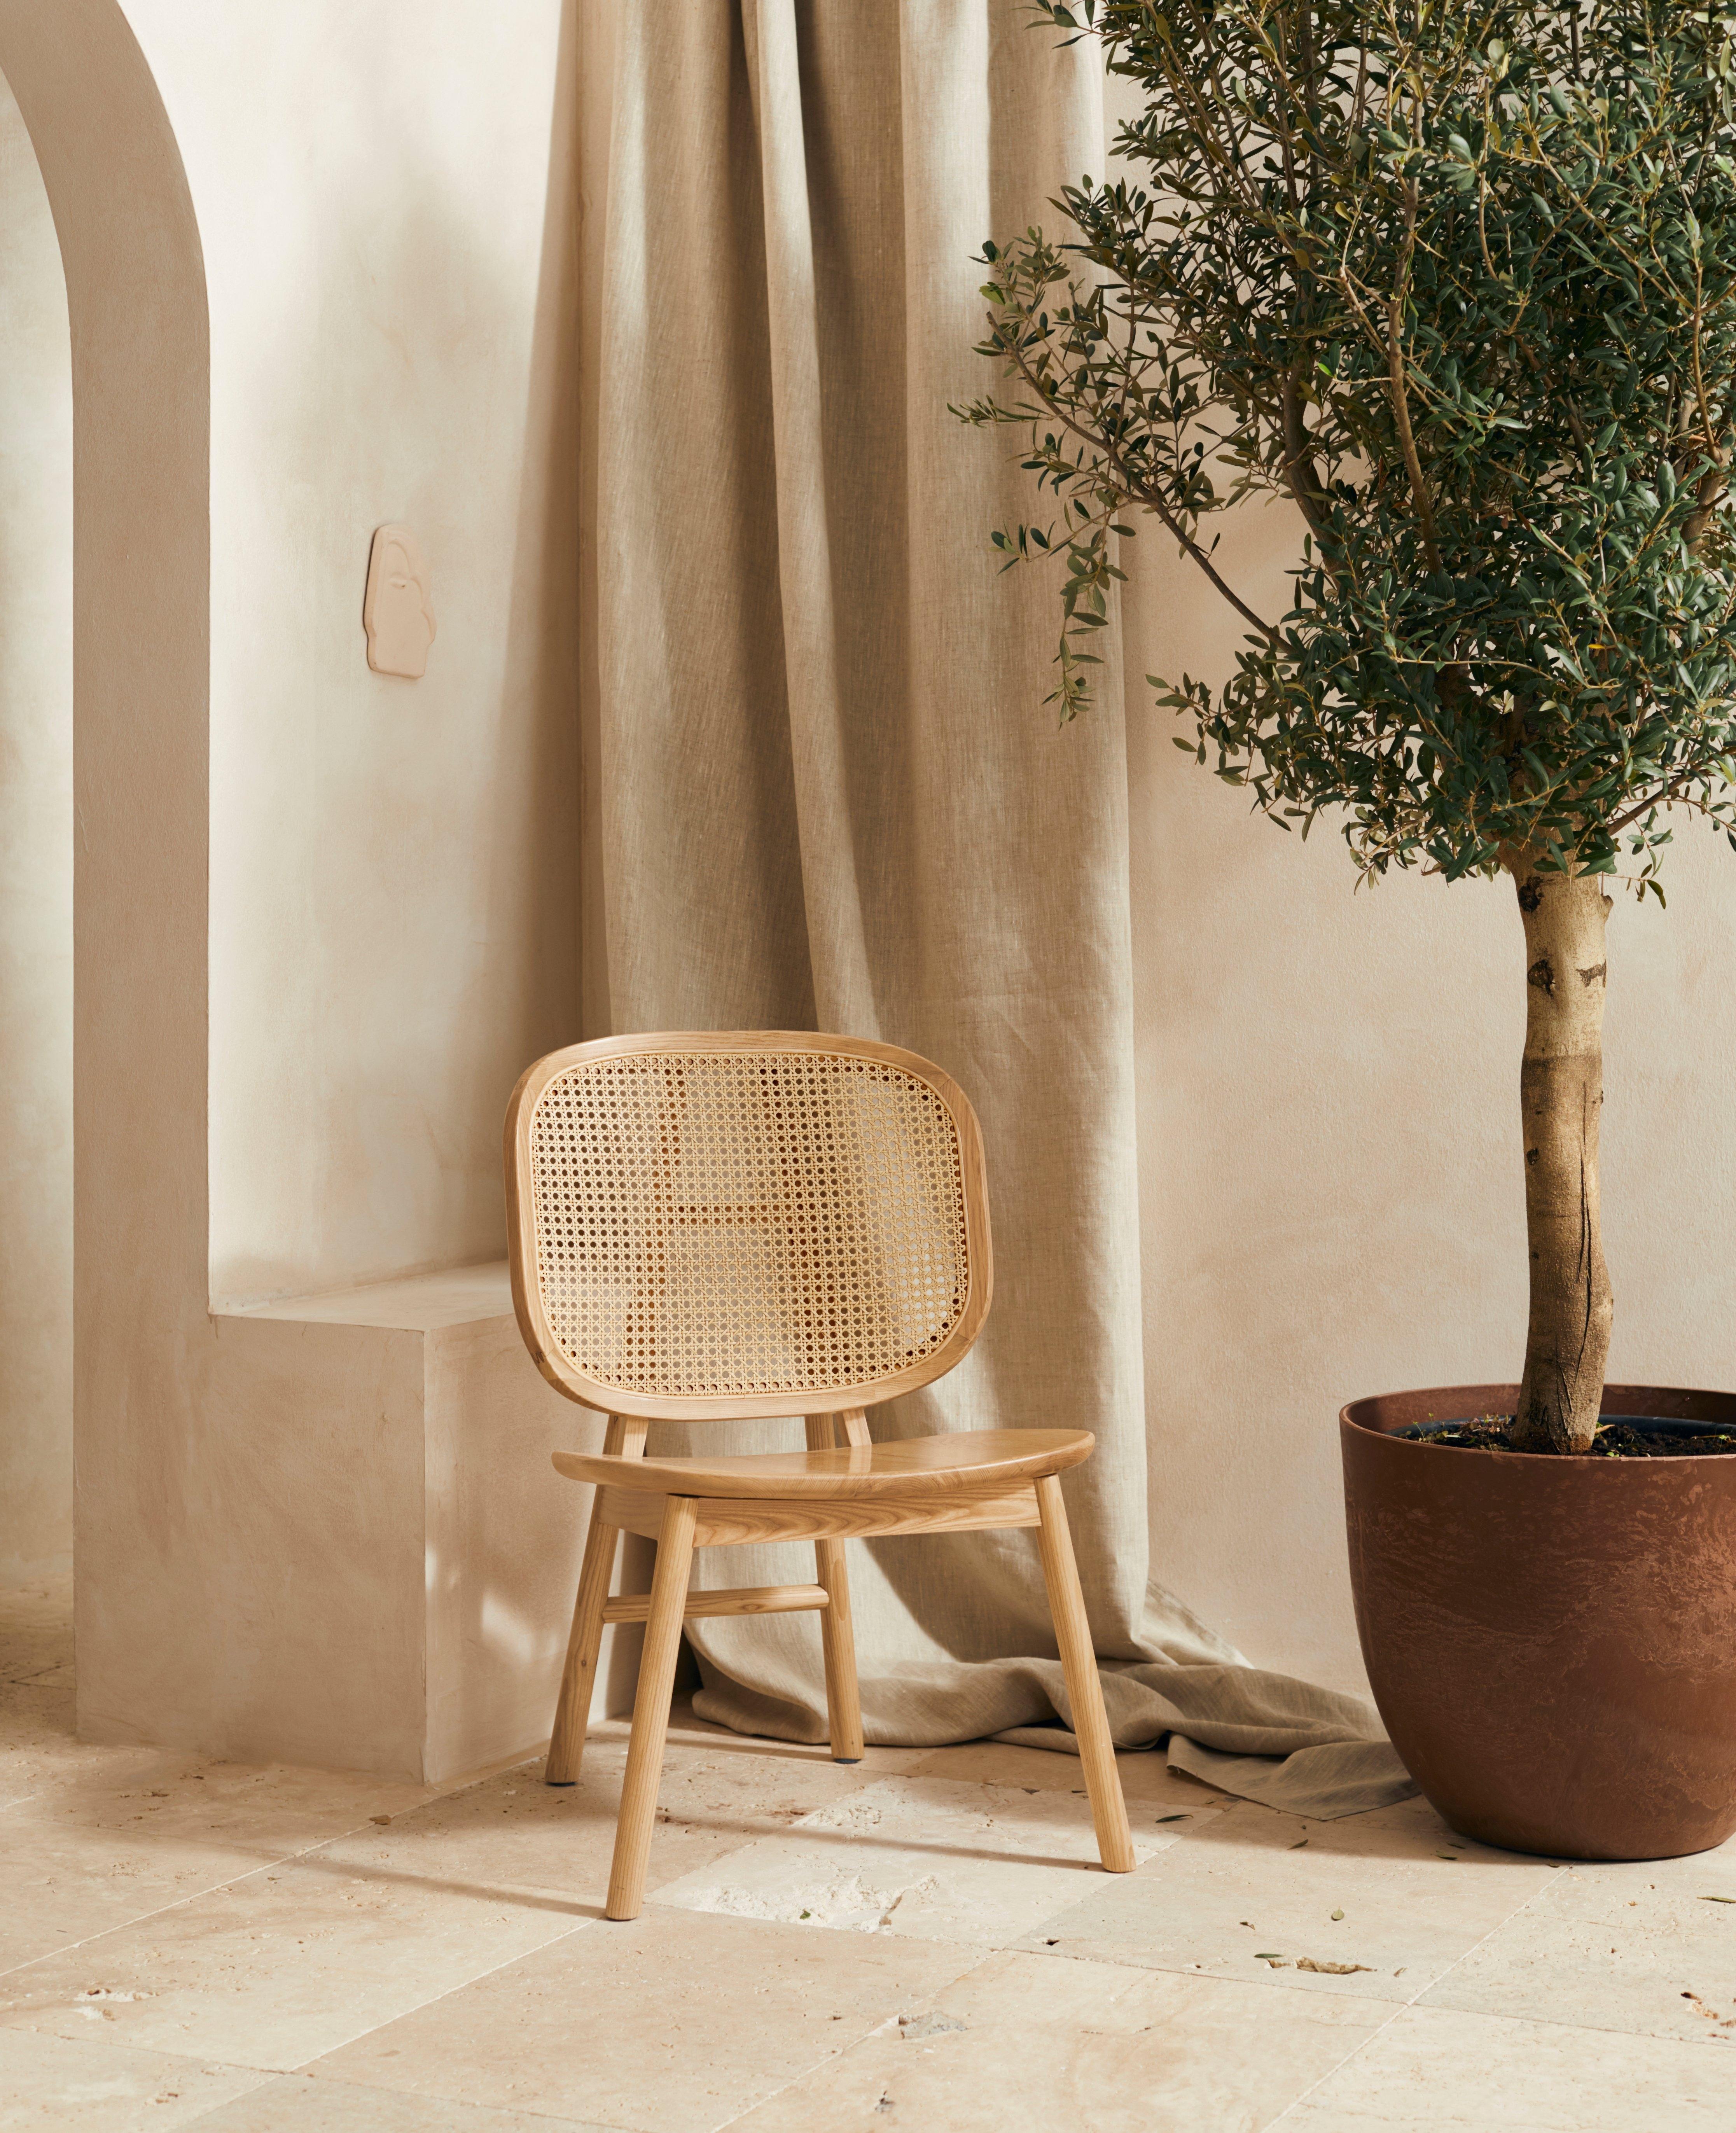 LeGer Home by Lena Gercke stoel AMY Massief hout, rugleuning met rotaninzet bestellen: 30 dagen bedenktijd